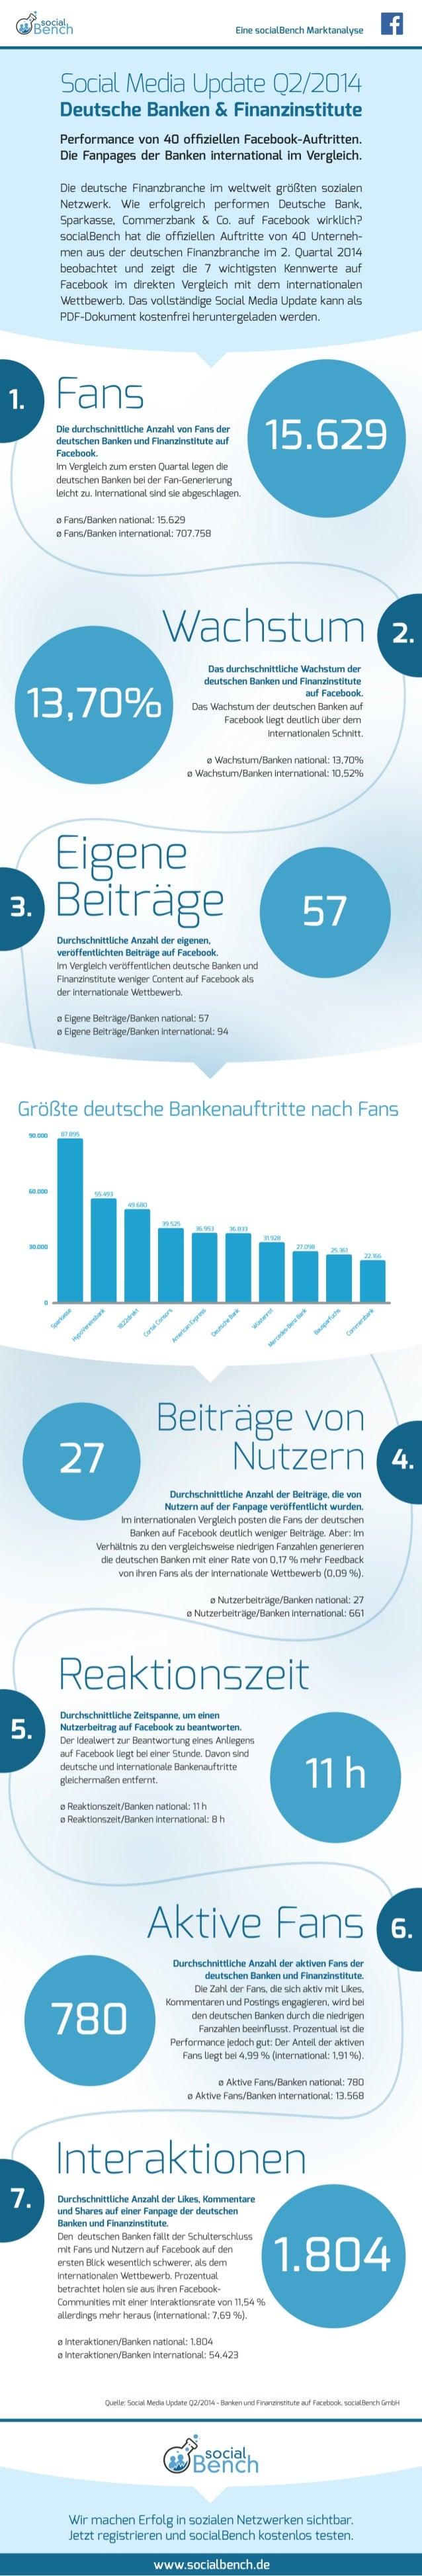 Infografik: Social Media Update Q2/2014 - deutsche Banken und Finanzinstitute auf Facebook